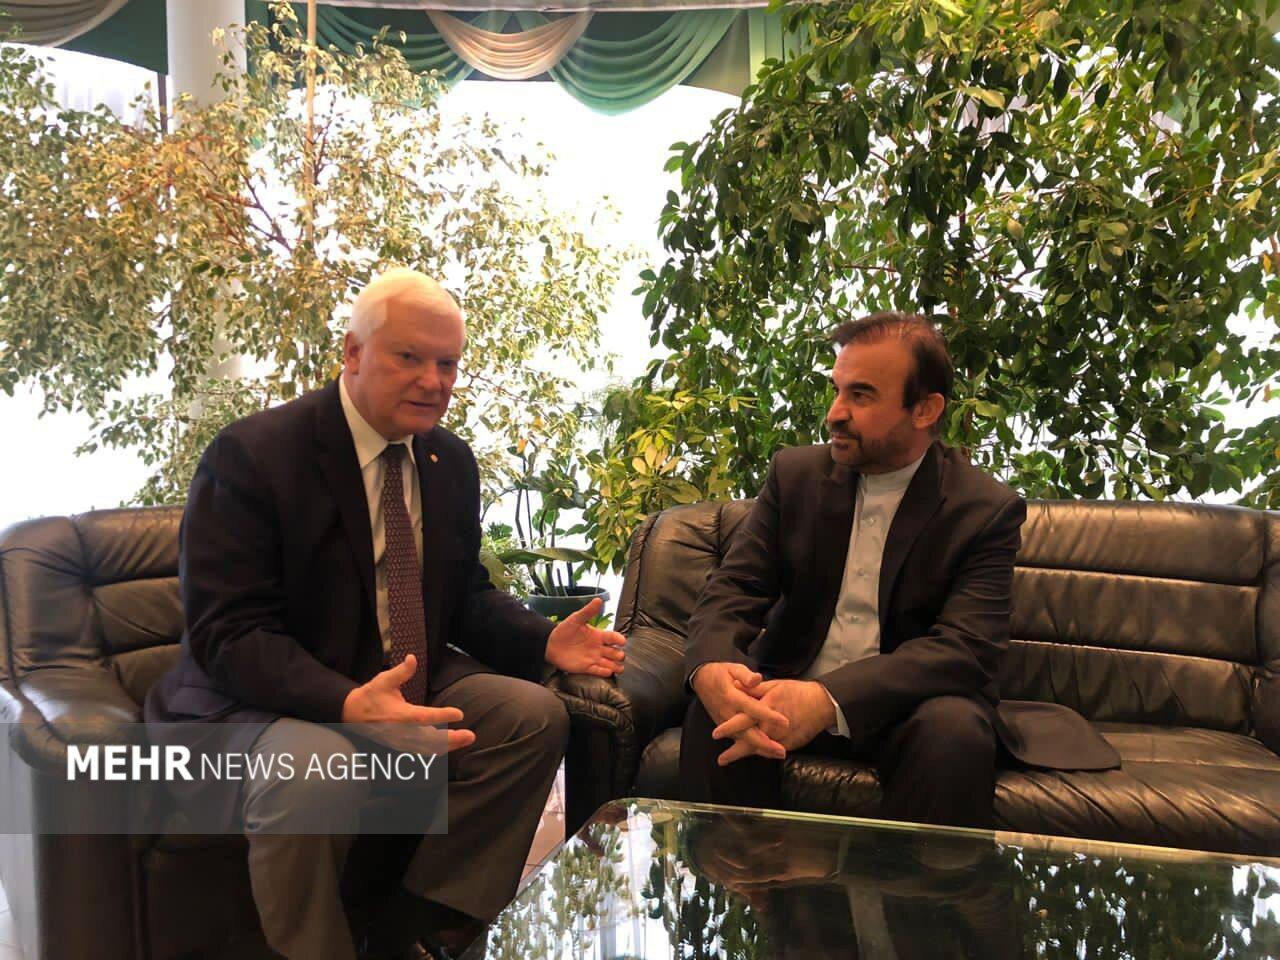 رایزنی دیپلمات ایرانی با نماینده پوتین/همکاریهای ۲جانبه بررسی شد